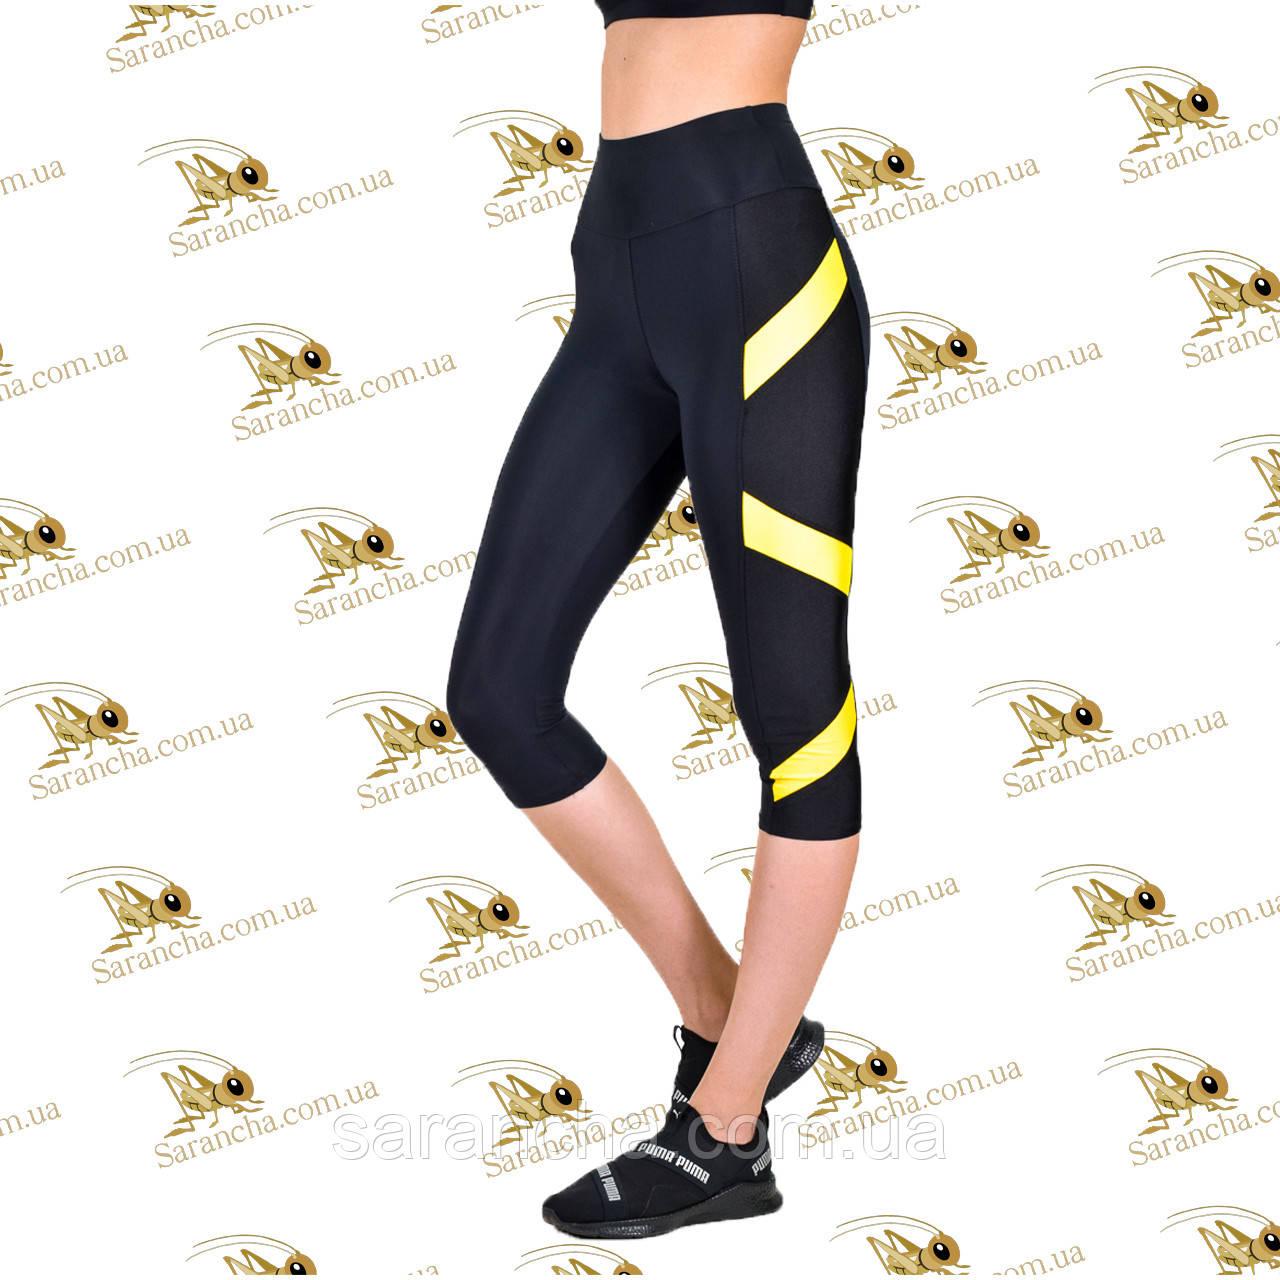 Жіночі спортивні бриджі чорні з жовтими вставками